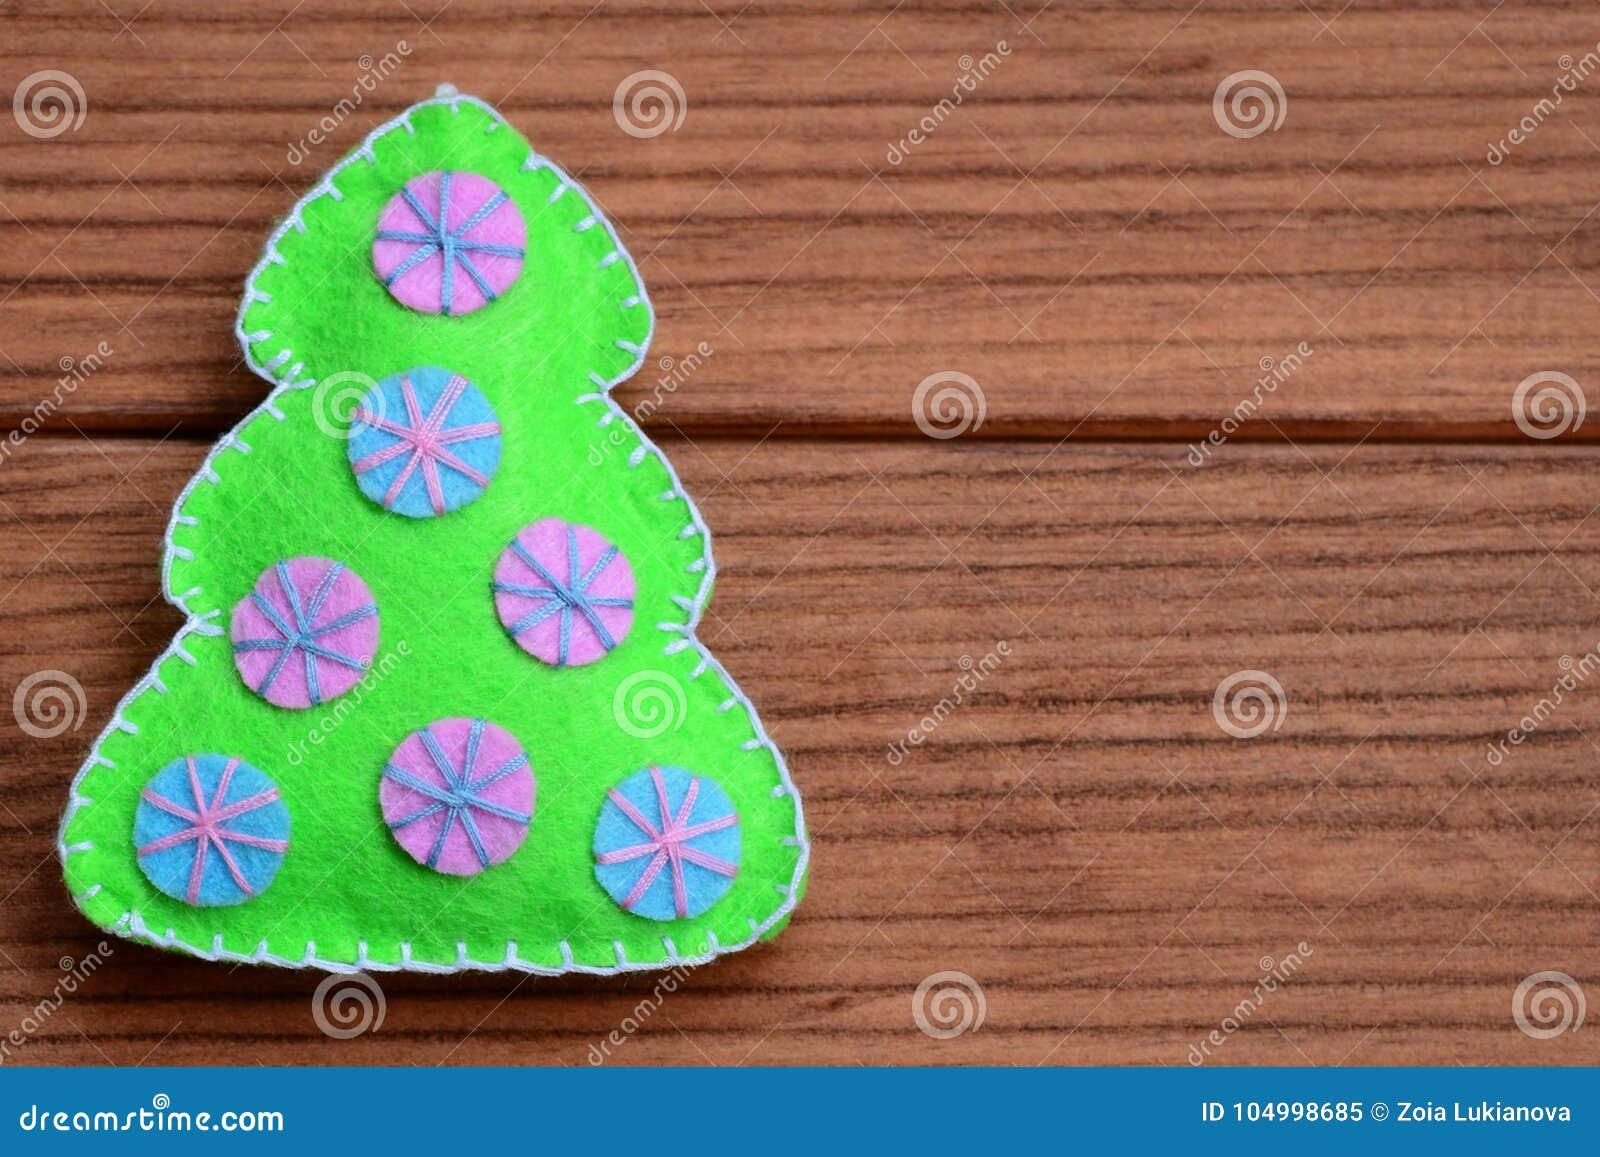 Christmas Card Decorations Ideas.Merry Christmas Card Idea Winter Festive Background Felt